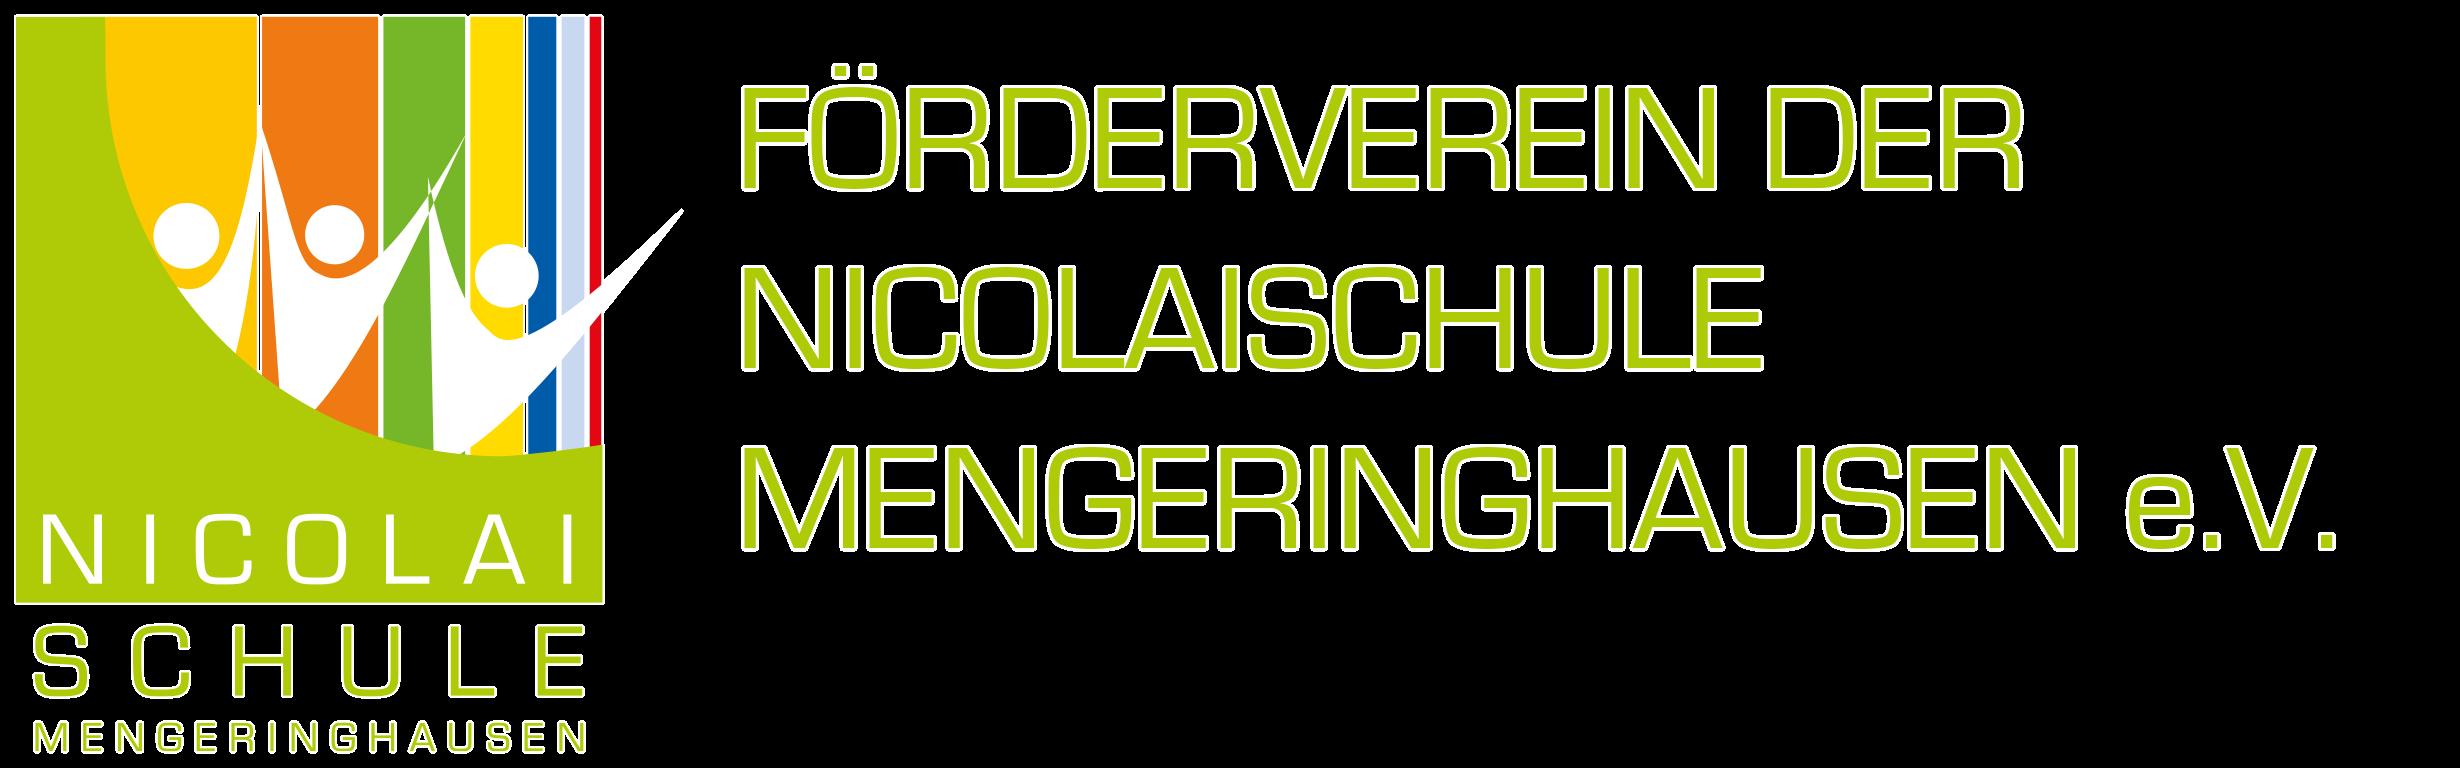 Förderverein Nicolai-Schule Mengeringhausen e.V.